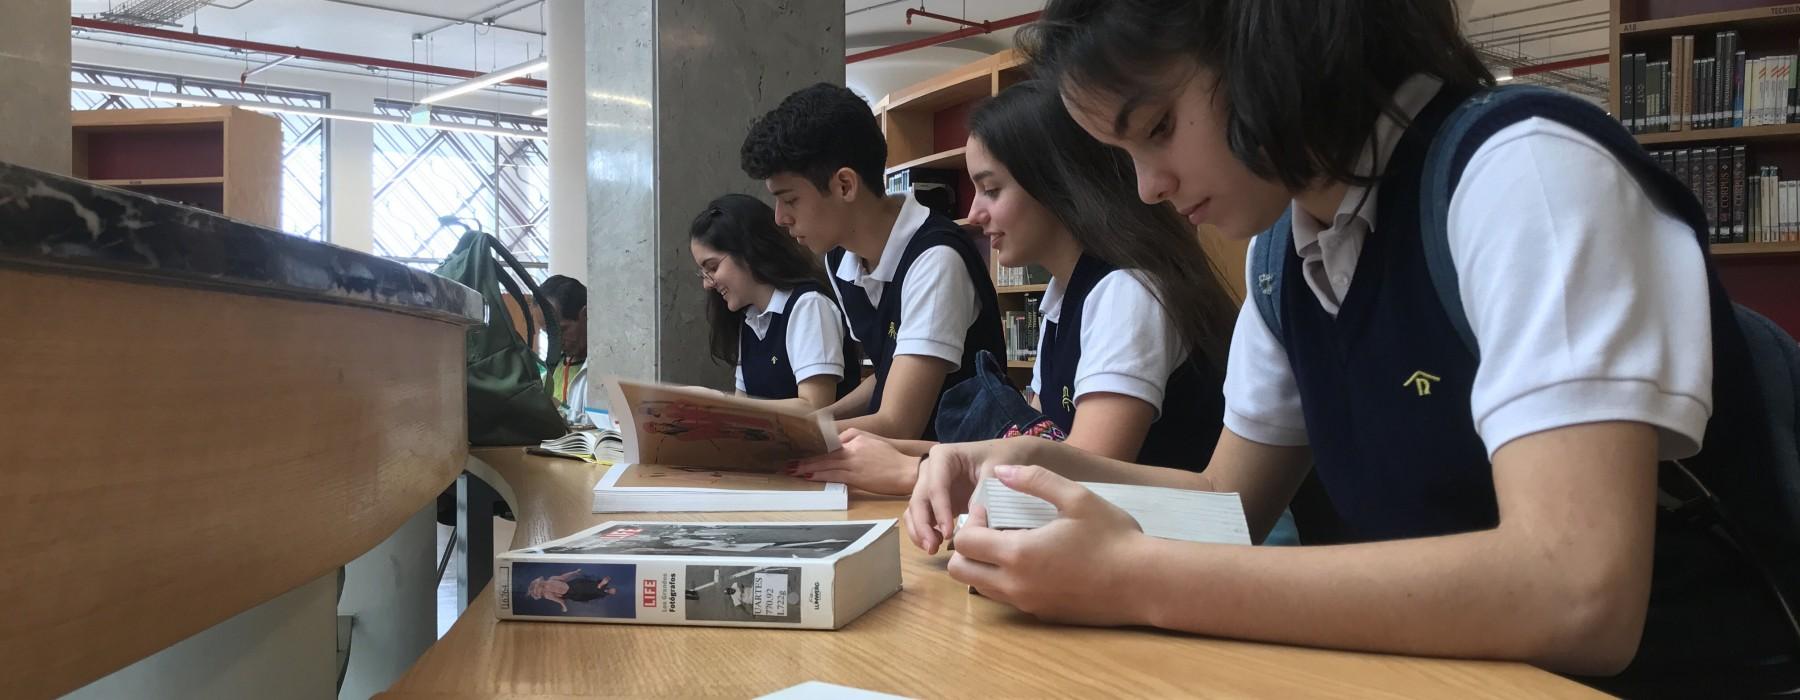 Biblioteca de las Artes